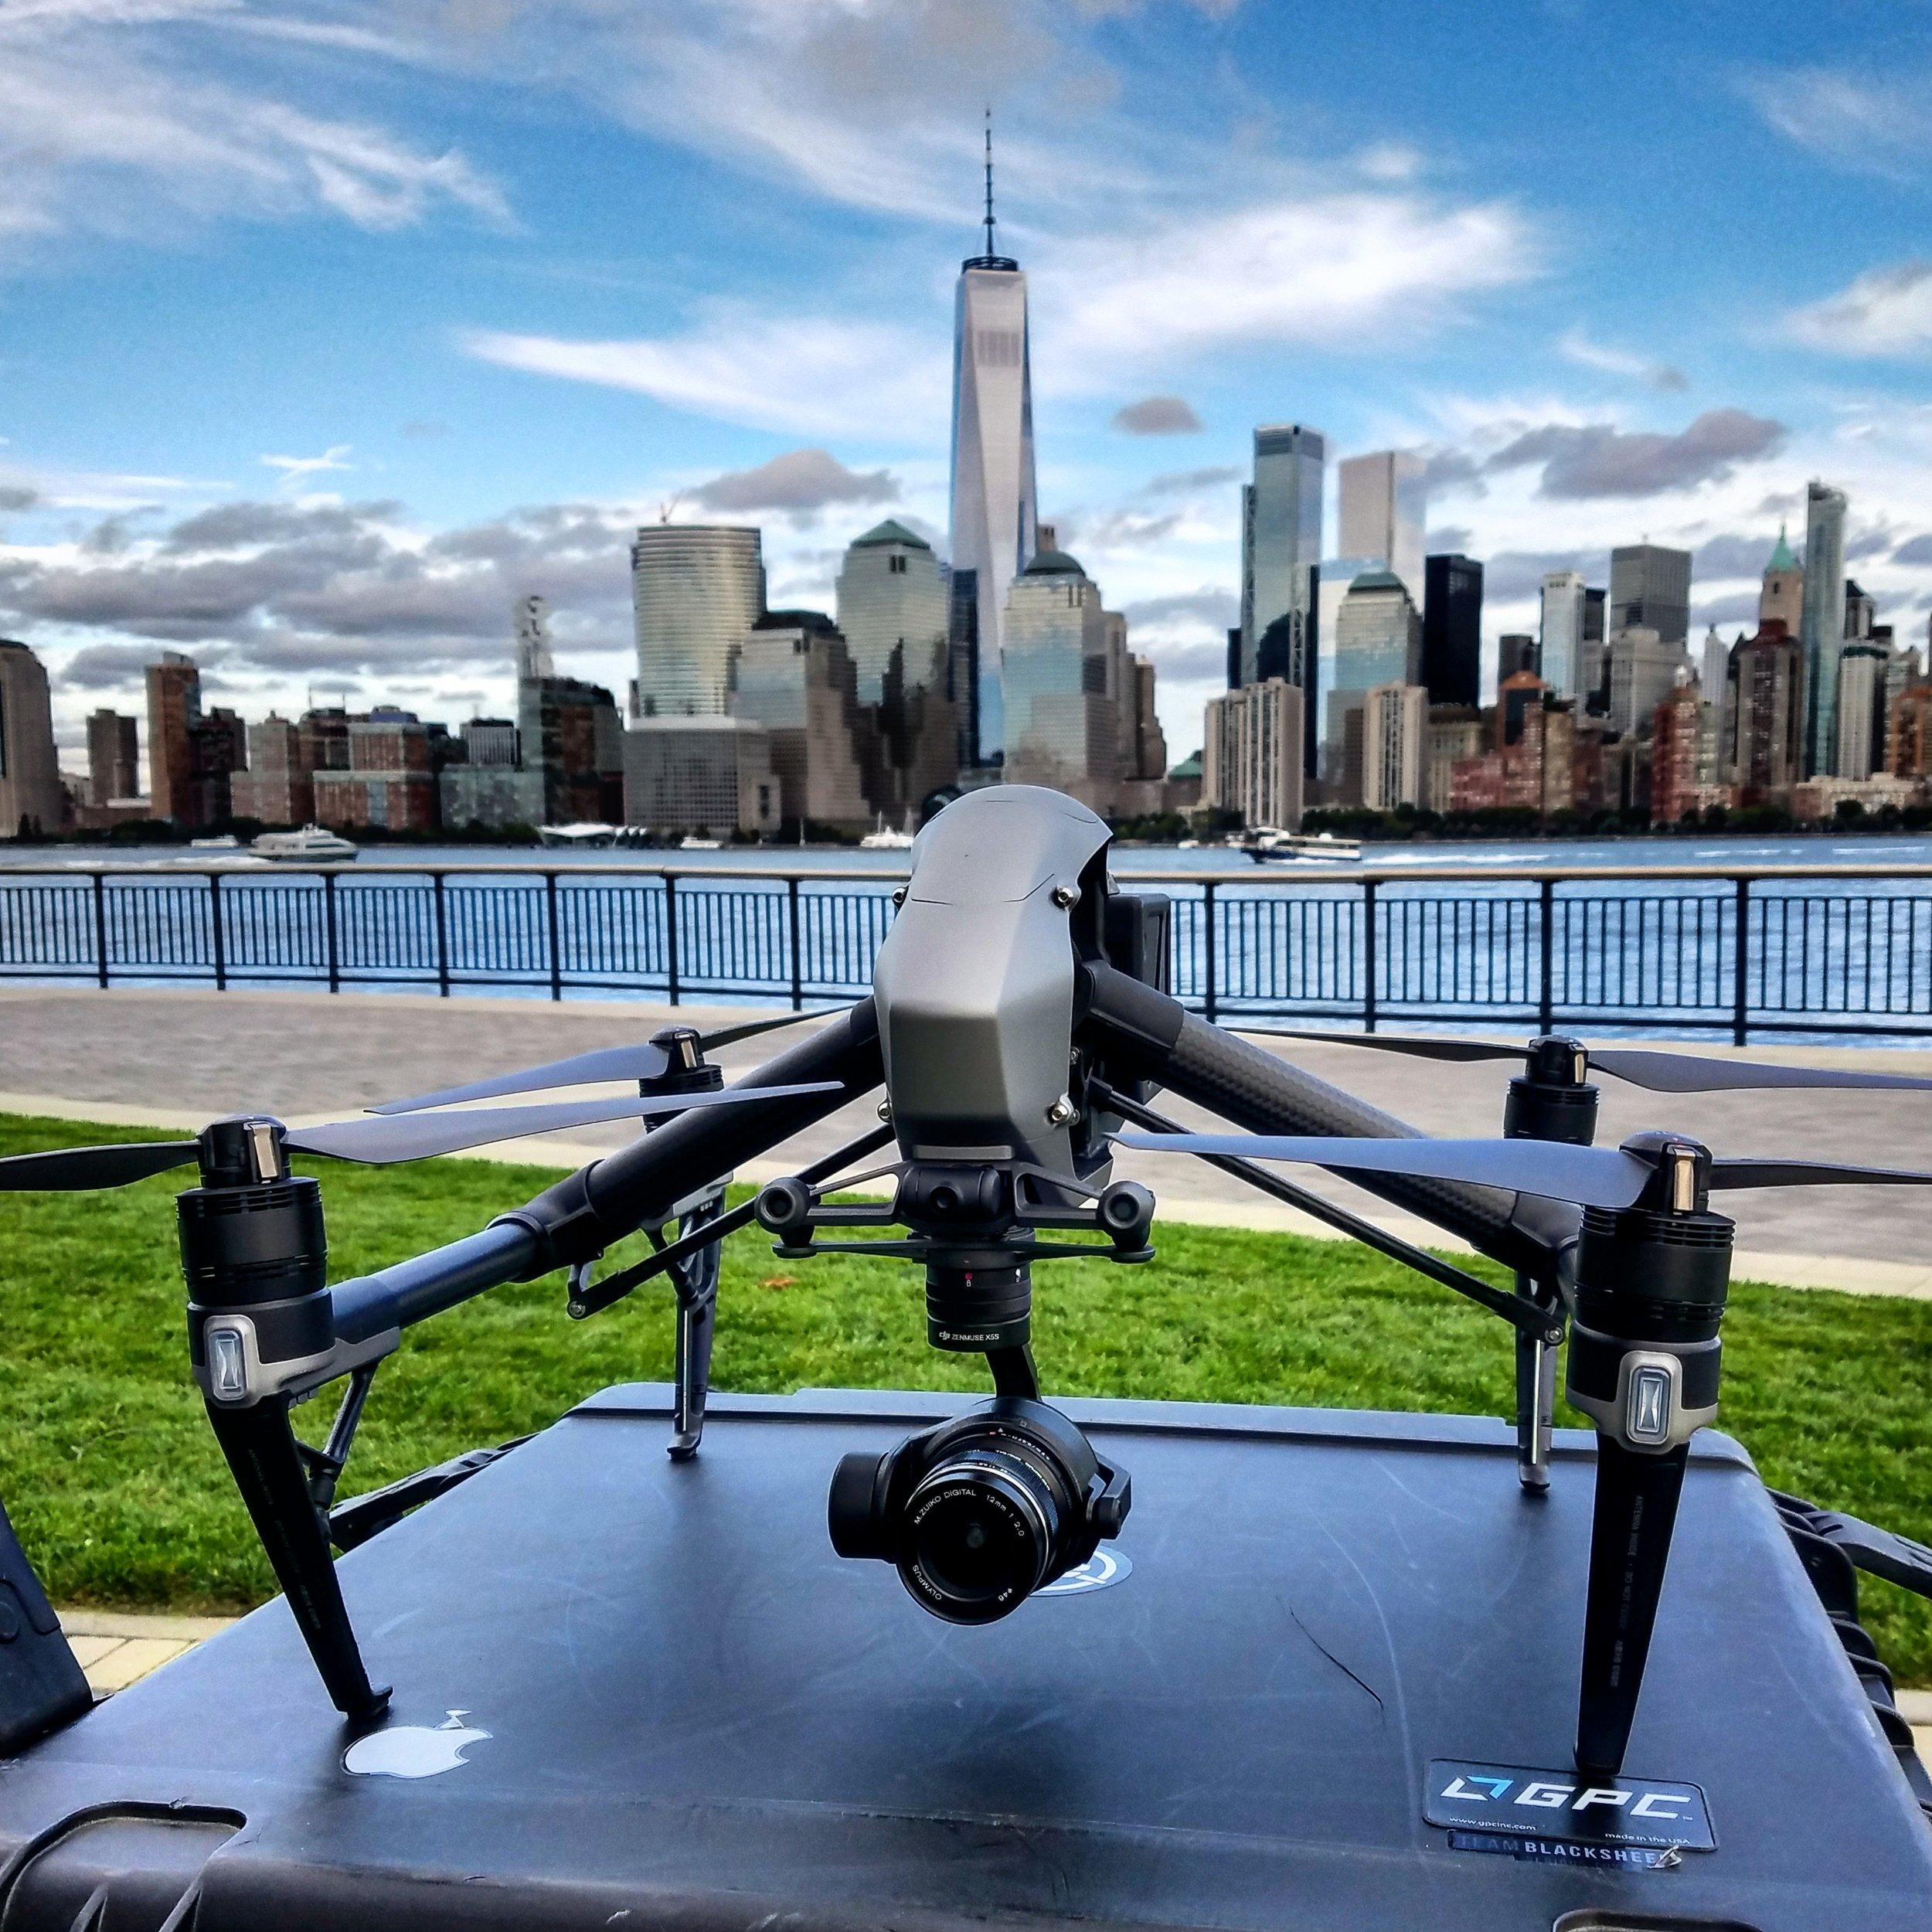 DJI S-1000 Atlanta Drone Pilot